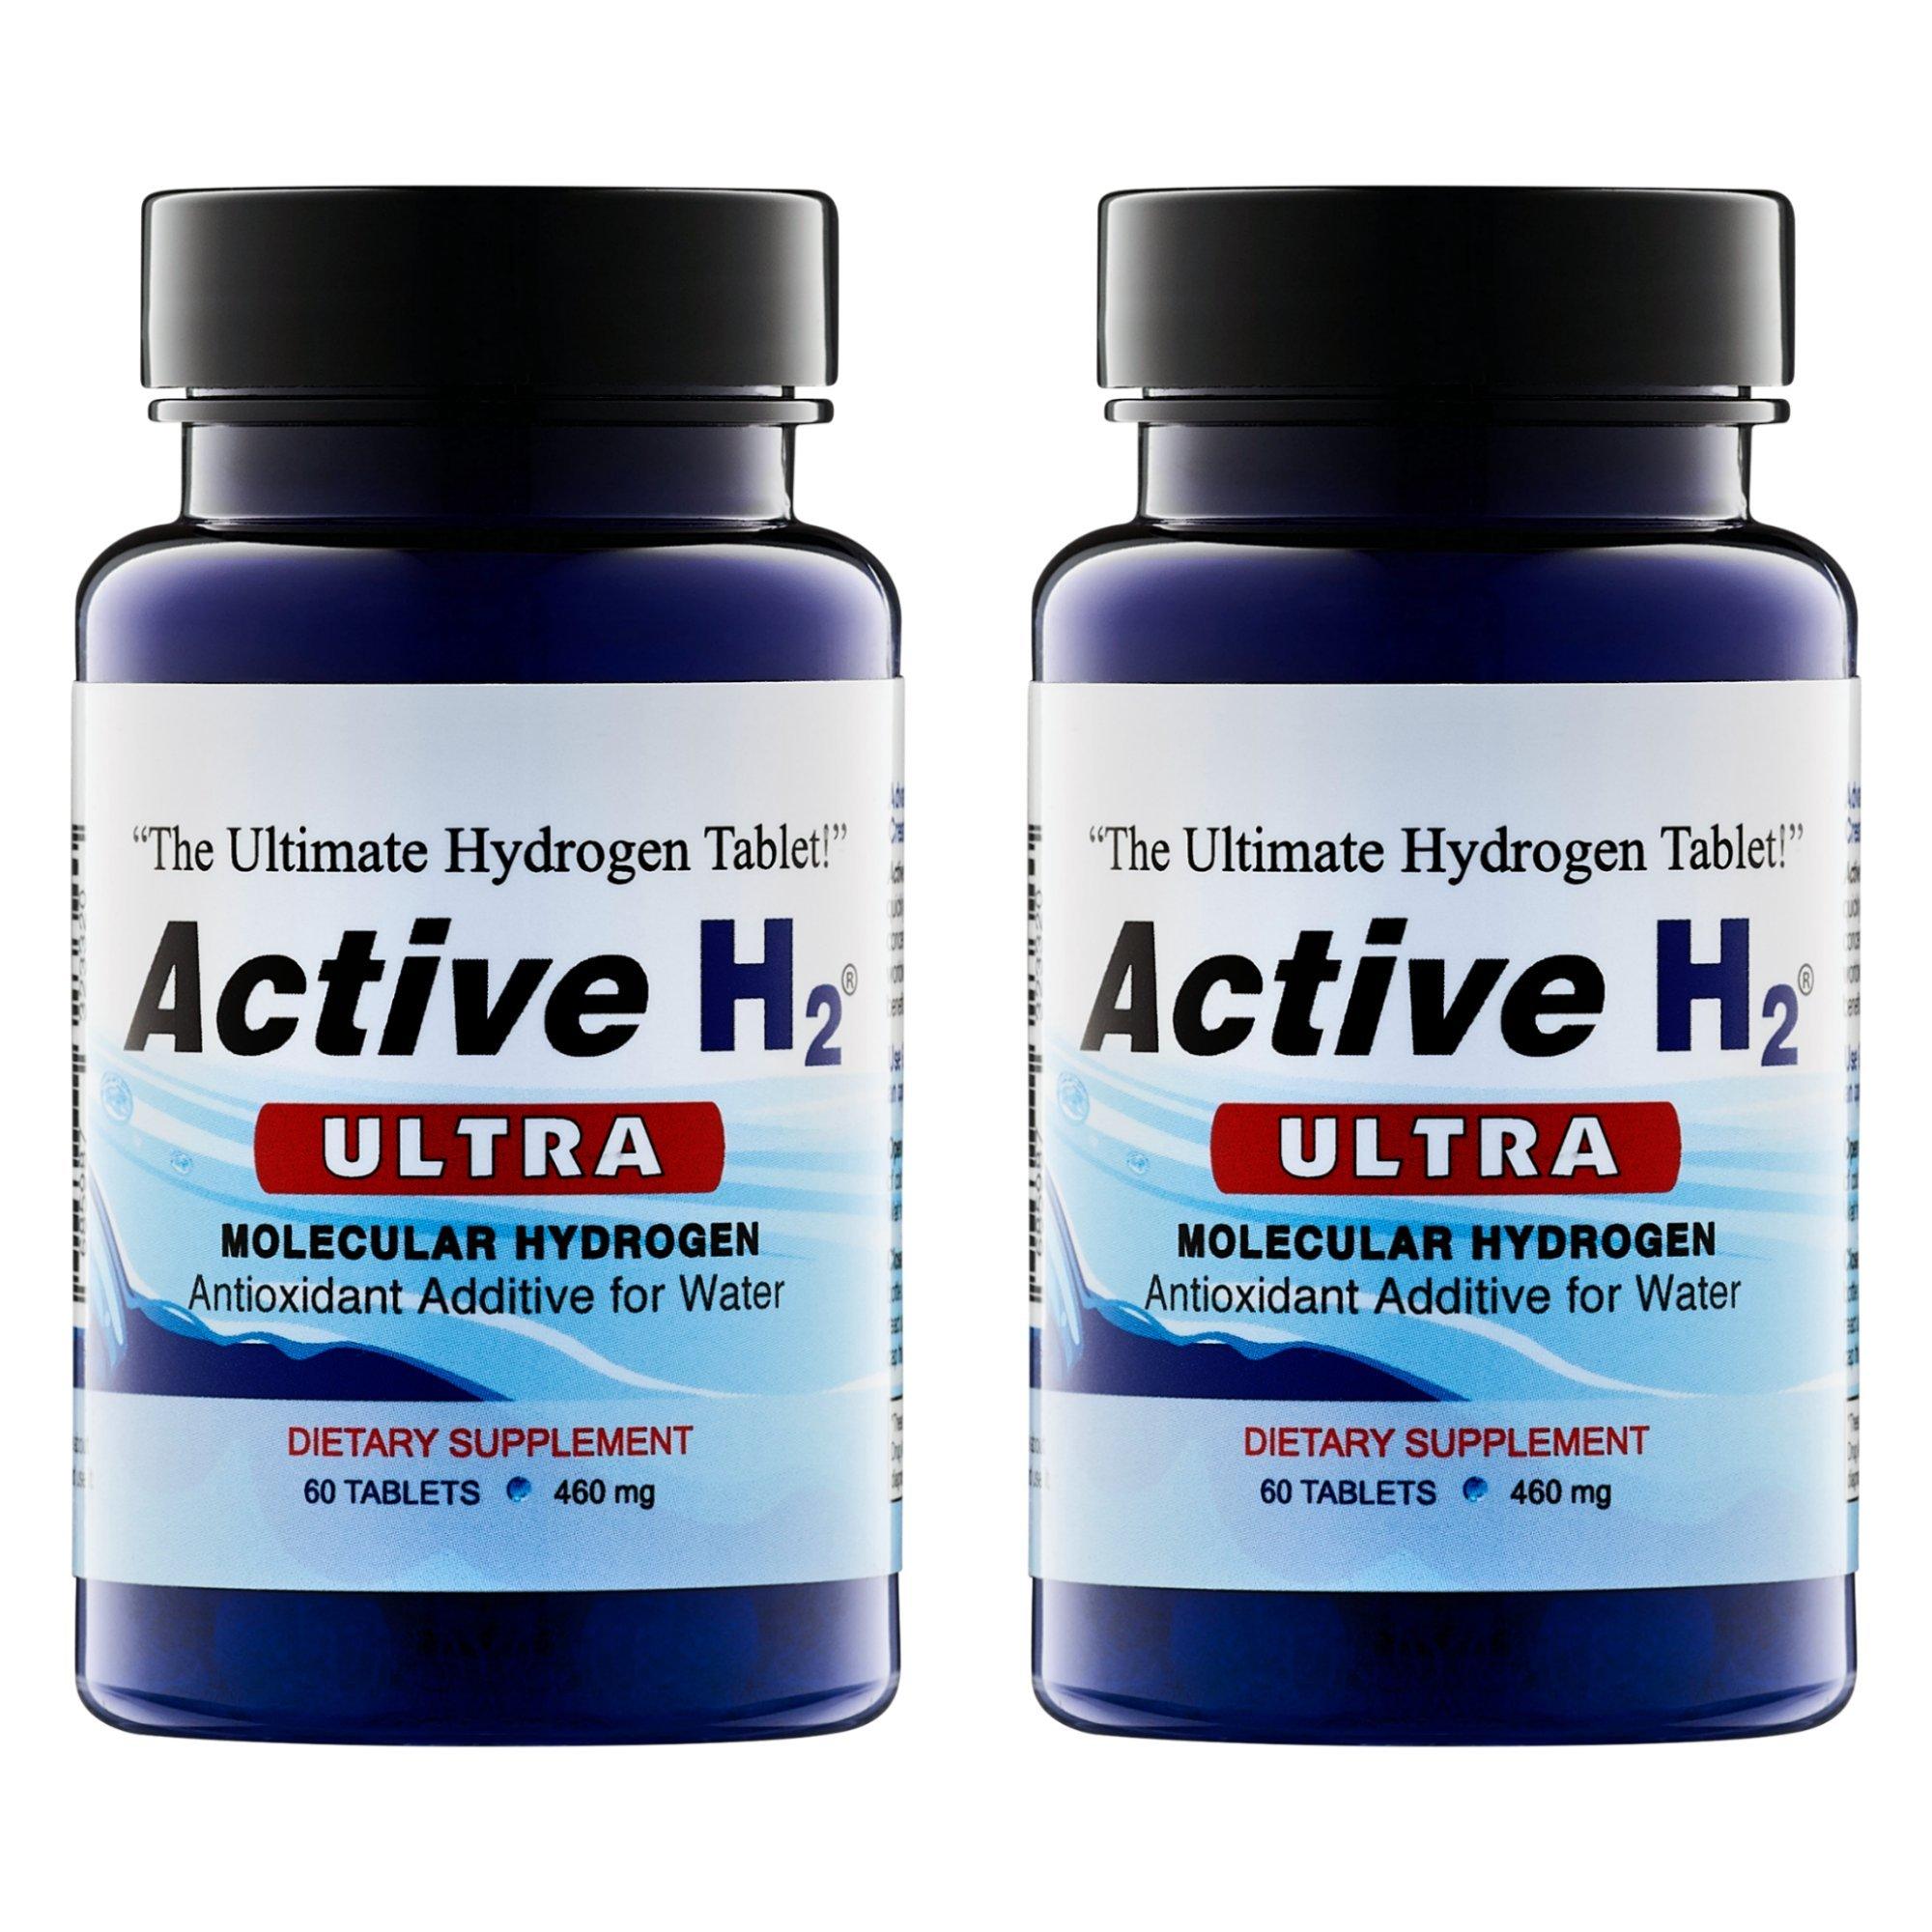 2 Pack Bundle of Active H H2 Molecular Hydrogen Tablets 120 Tablets